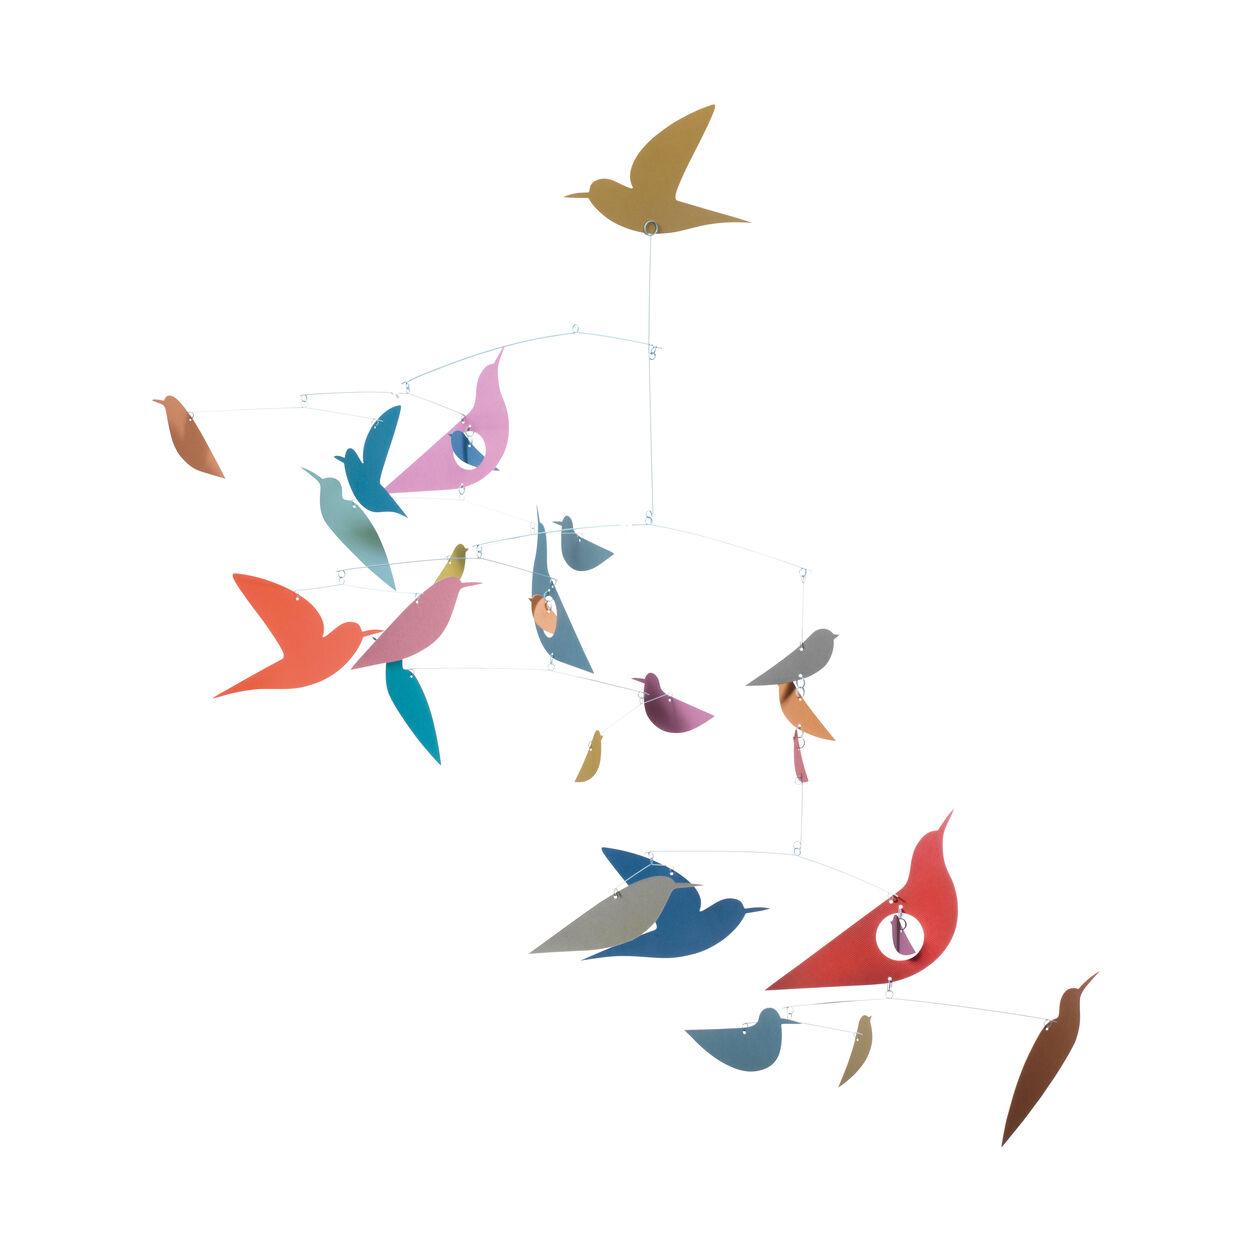 Djeco Birds Mobile, Multicolored